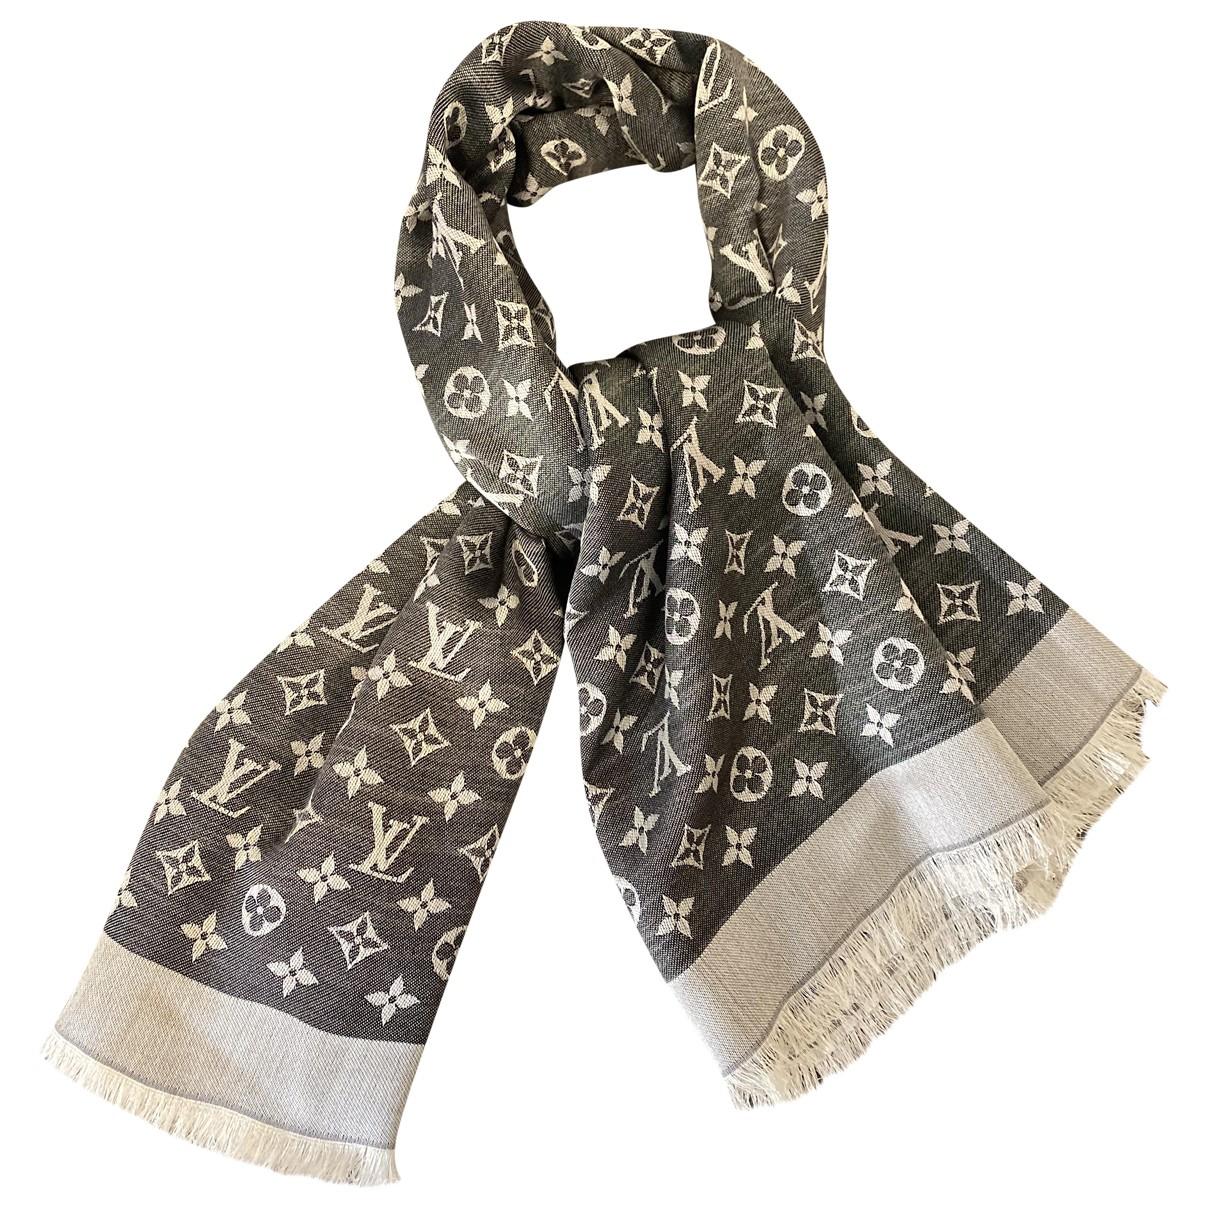 Estola Chale Monogram de Seda Louis Vuitton